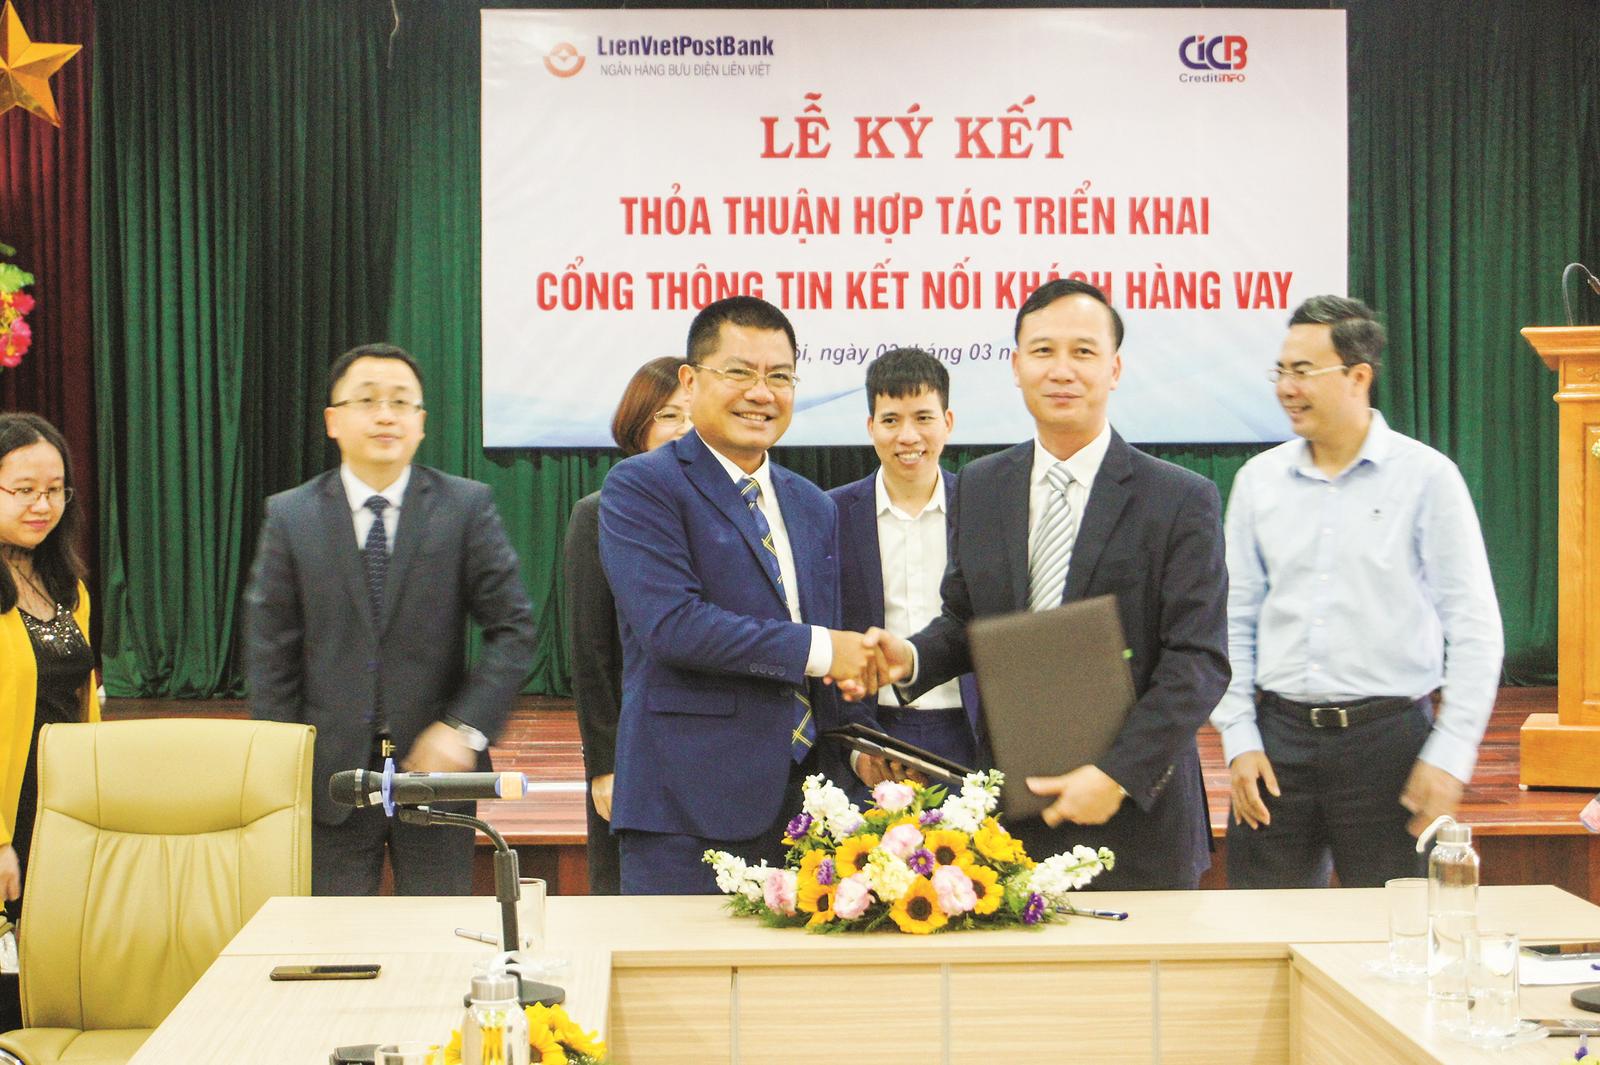 Trung tâm Thông tin tín dụng Quốc gia Việt Nam: Kết nối cùng LienVietPostBank